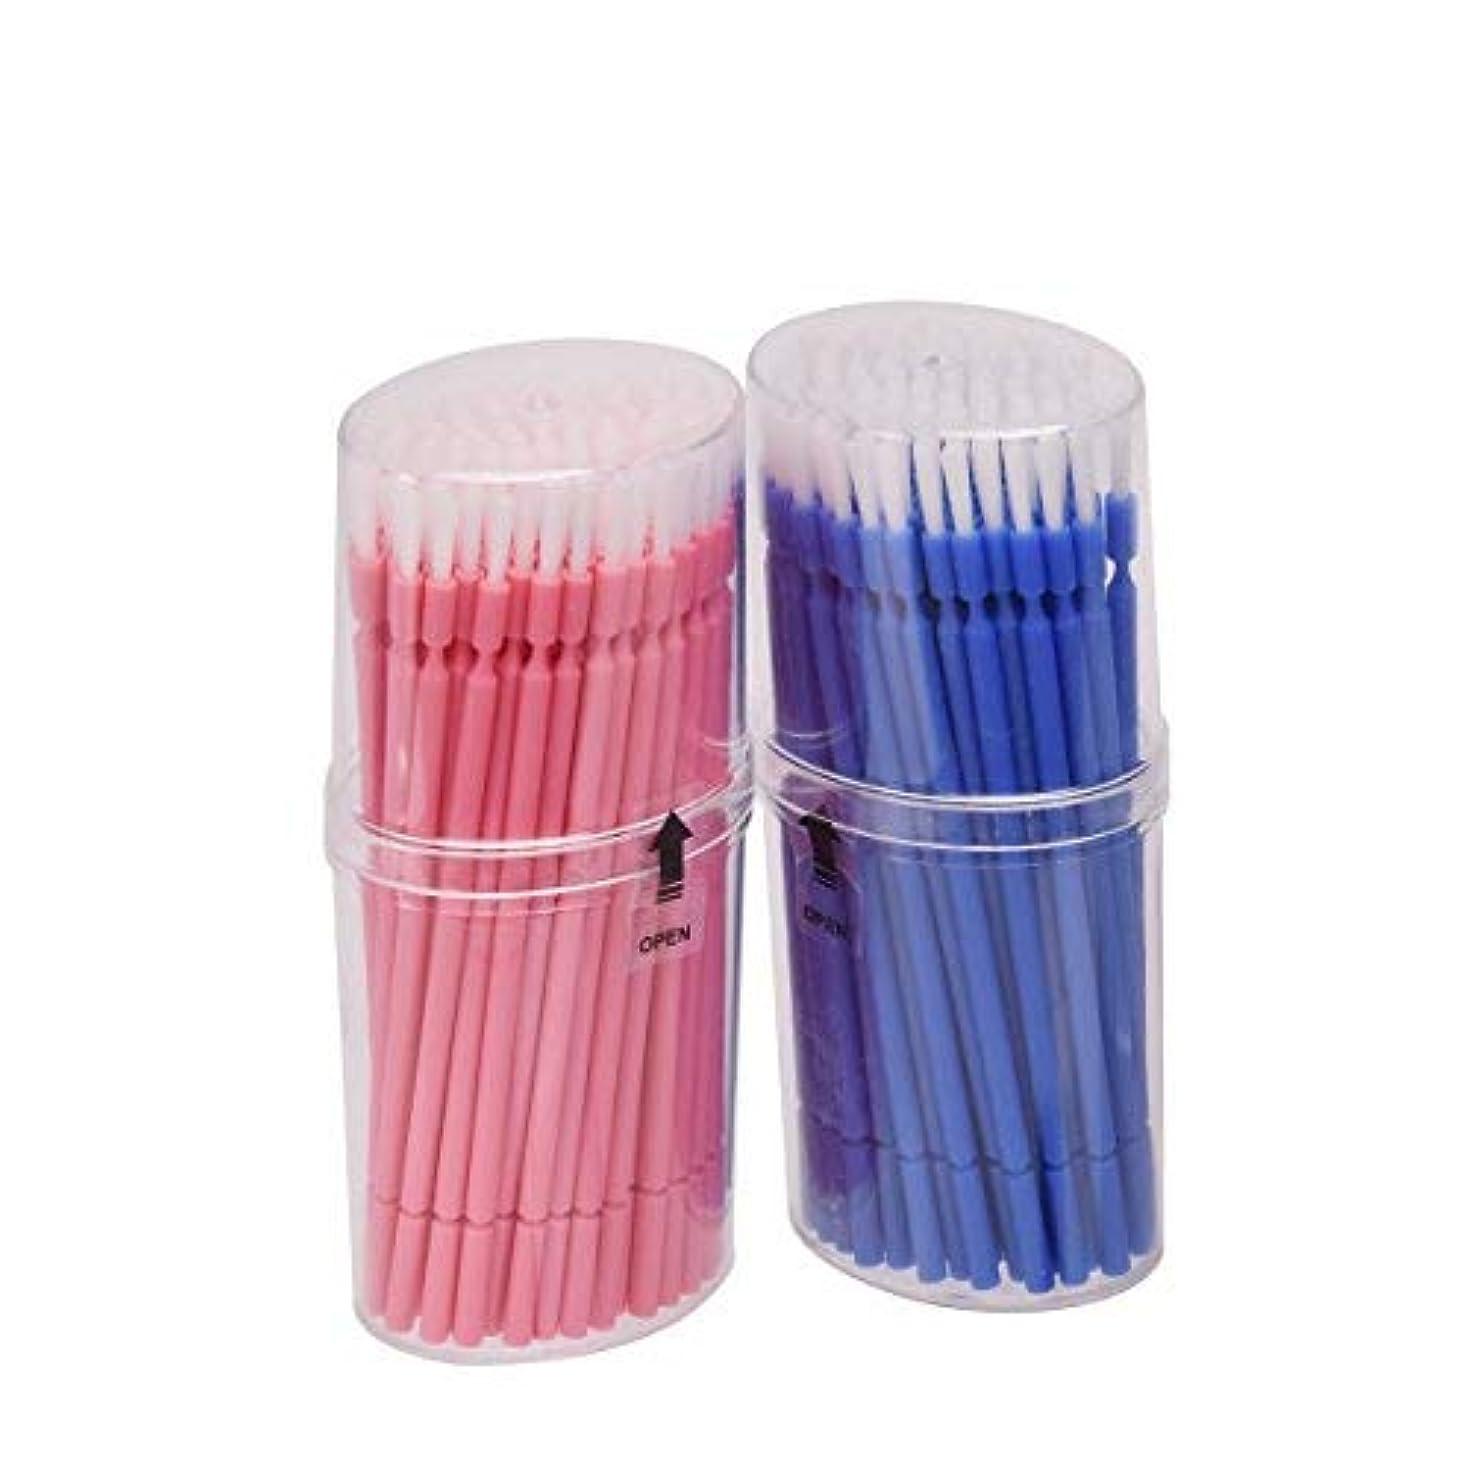 歌詞ひねりバーベキューマイクブラシ 歯科ブラシ 精密機器の細部の清掃など 幅広く使える 使い捨て 4 * 100=400本入り Annhua